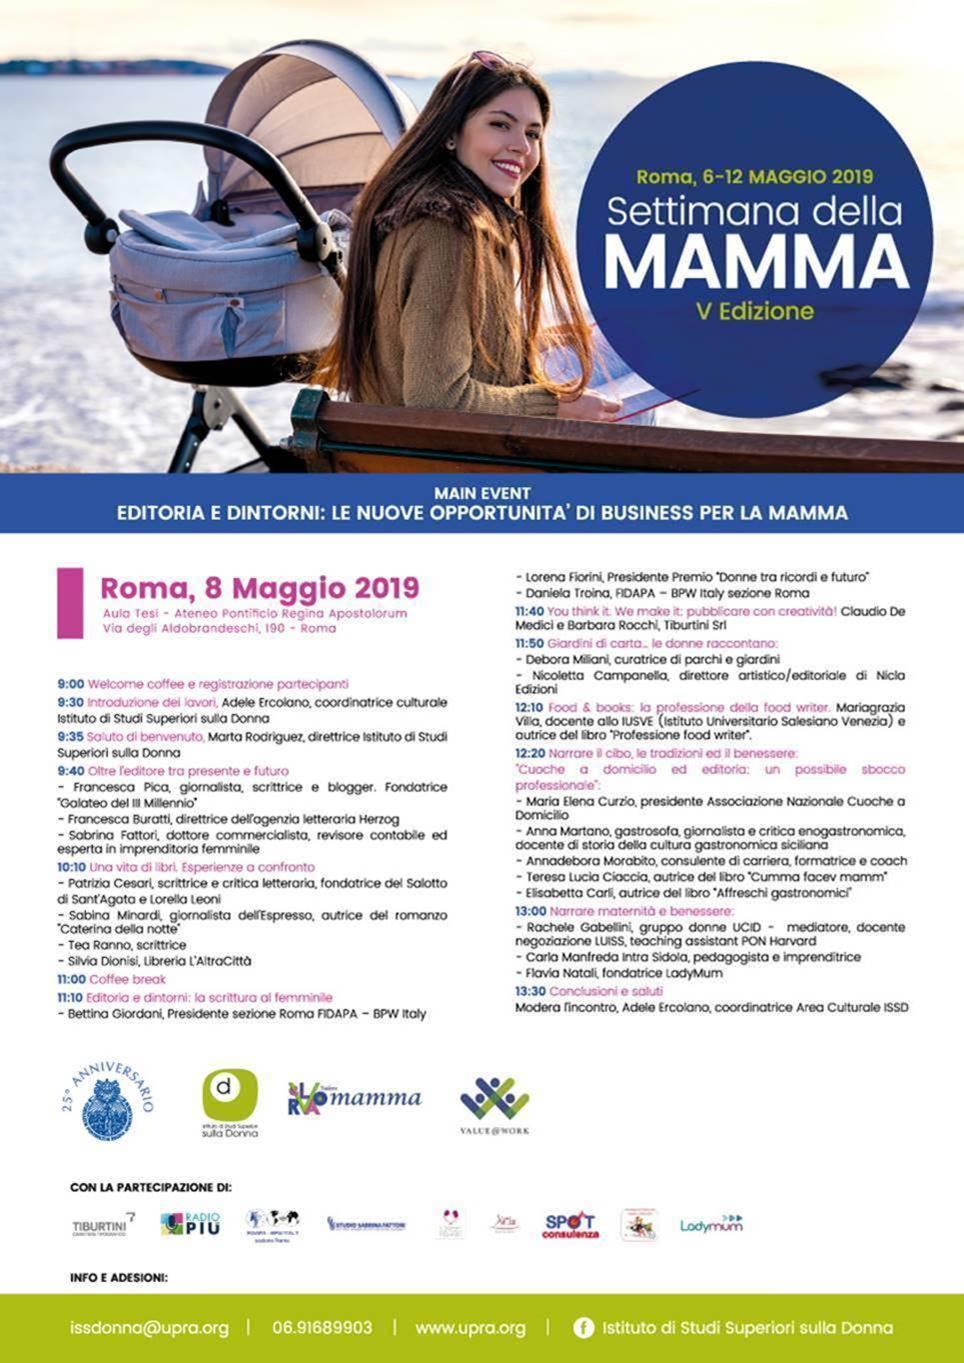 Dal6 a 12 maggioa Roma la V edizione dellaSettimana dellaMamma.